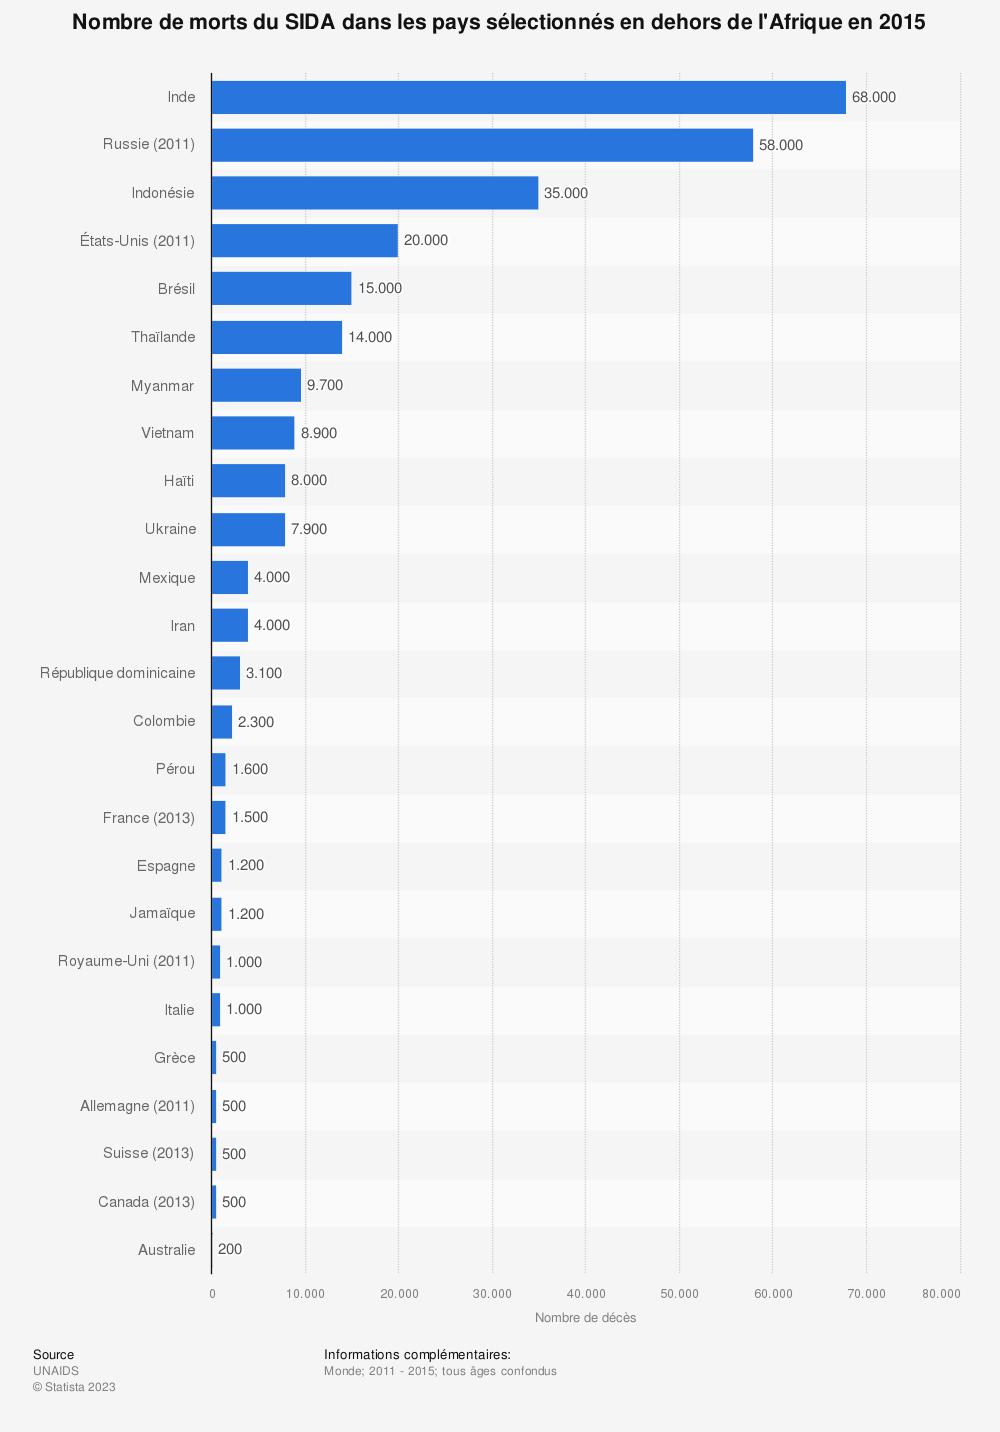 Statistique: Nombre de morts du SIDA dans les pays sélectionnés en dehors de l'Afrique en 2015 | Statista